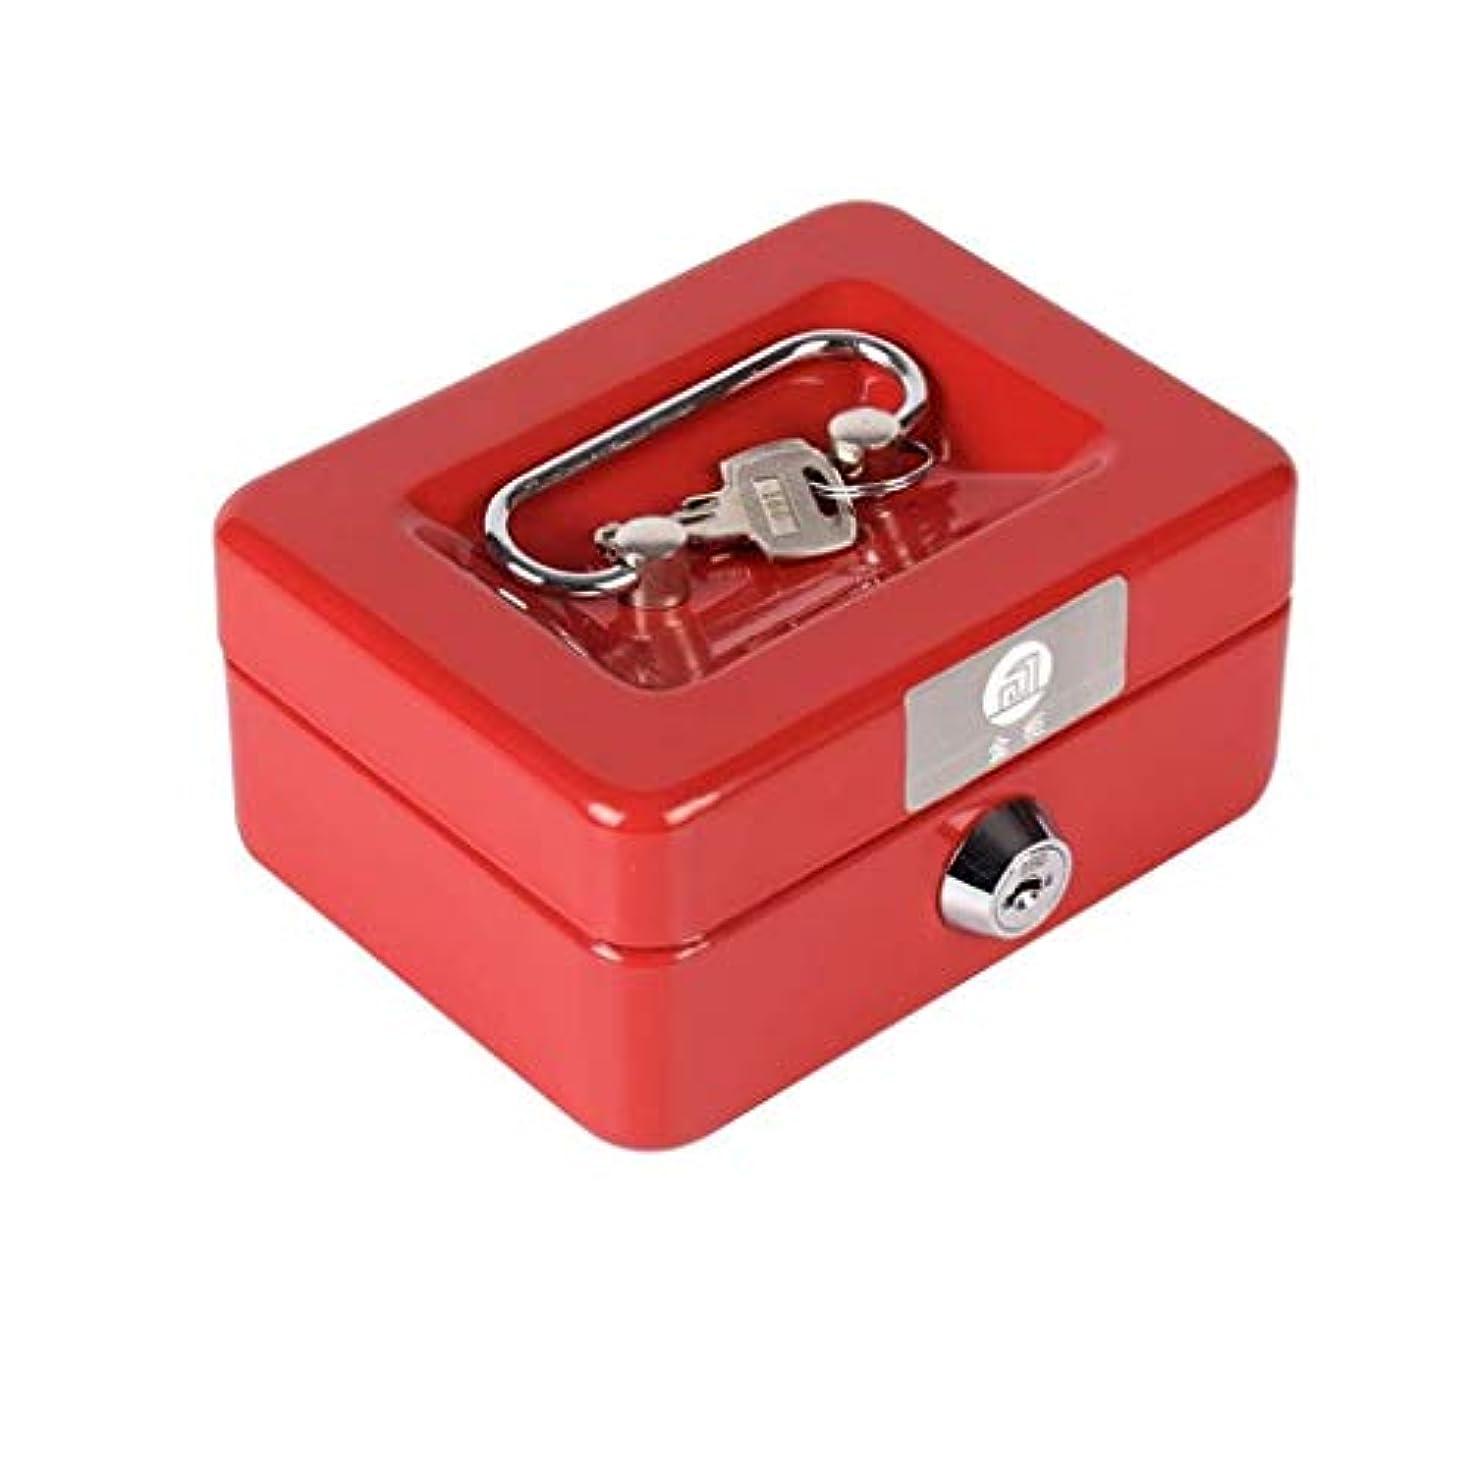 間に合わせ遠い天気HTDZDX 施錠可能な薬箱オーガナイザーコンパートメントが付いている小さい薬のロック箱子供用処方箋収納ボックス (Color : Red)